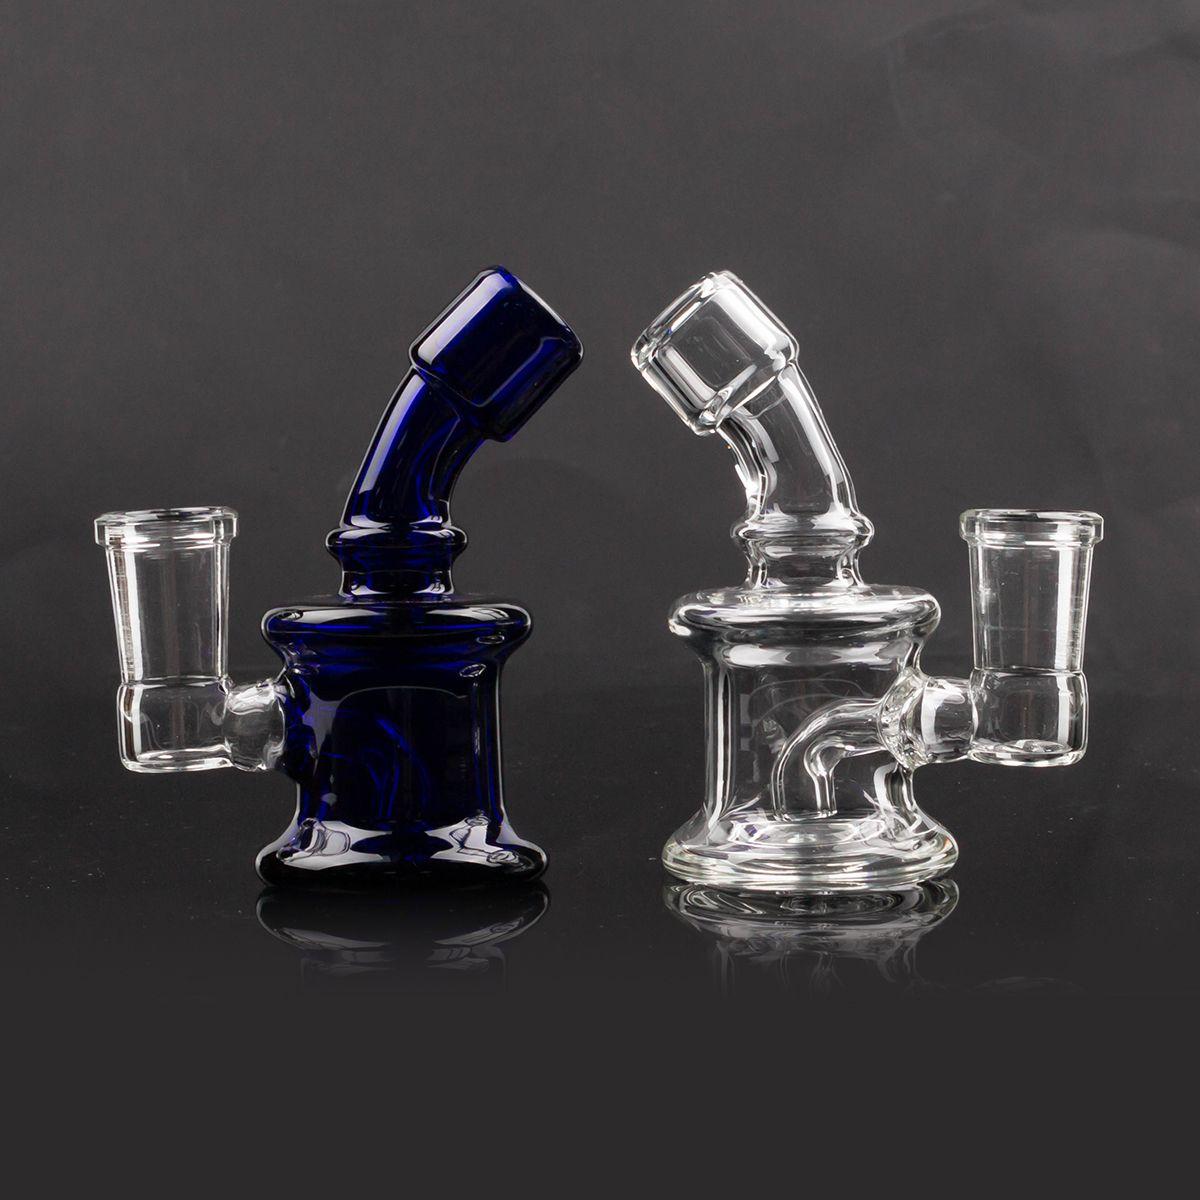 Hookahs Glass Dab Rigs 14mm Feminino Beaker Bongo Tubulação Pequena Reciclador Pyrex Dólatos De Água Acessórios Para Fumar